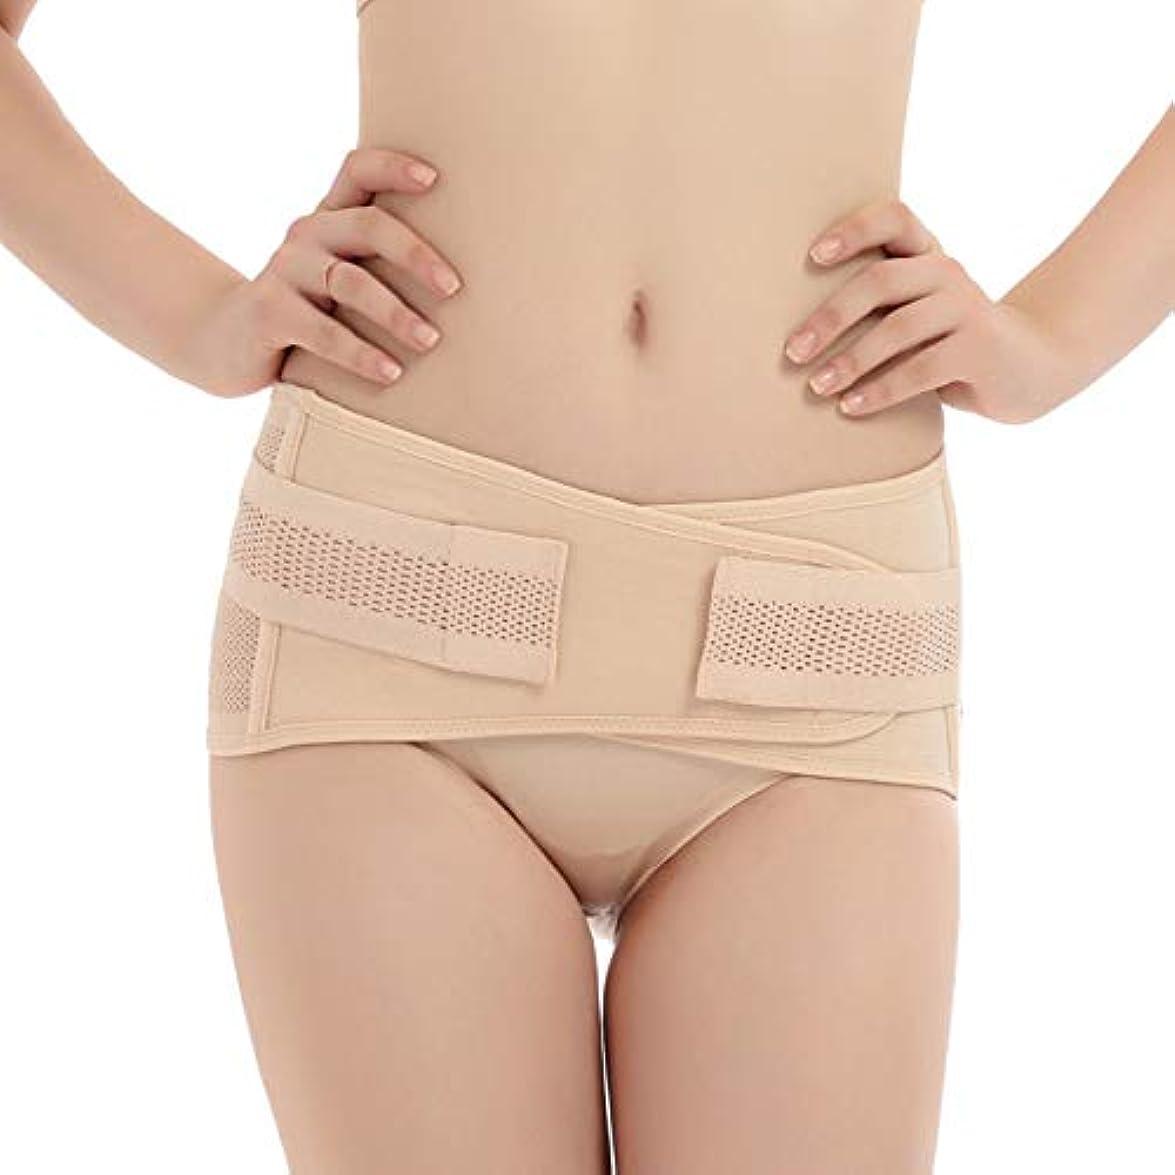 植物学基本的なここにTenflyer 妊娠中の女性産後骨盤正しいベルト腹巻き取り骨盤骨盤整形外科用ベルト